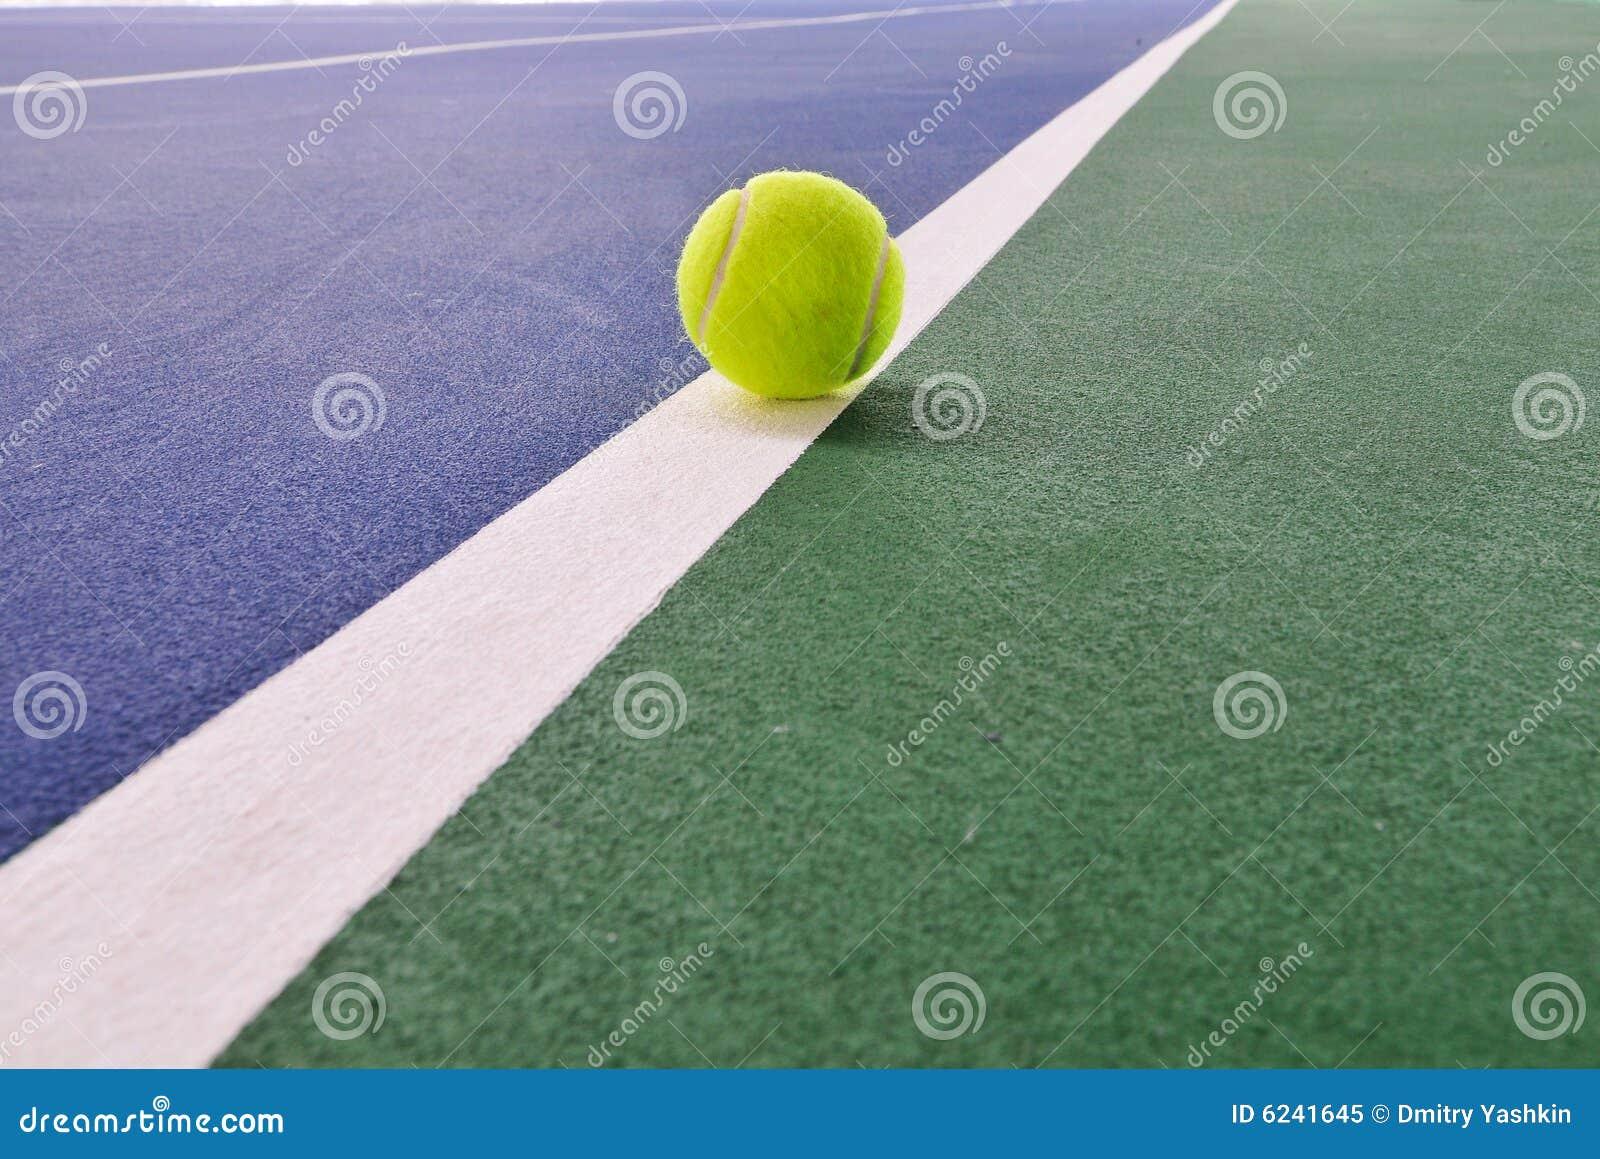 Esfera de tênis na corte de tênis